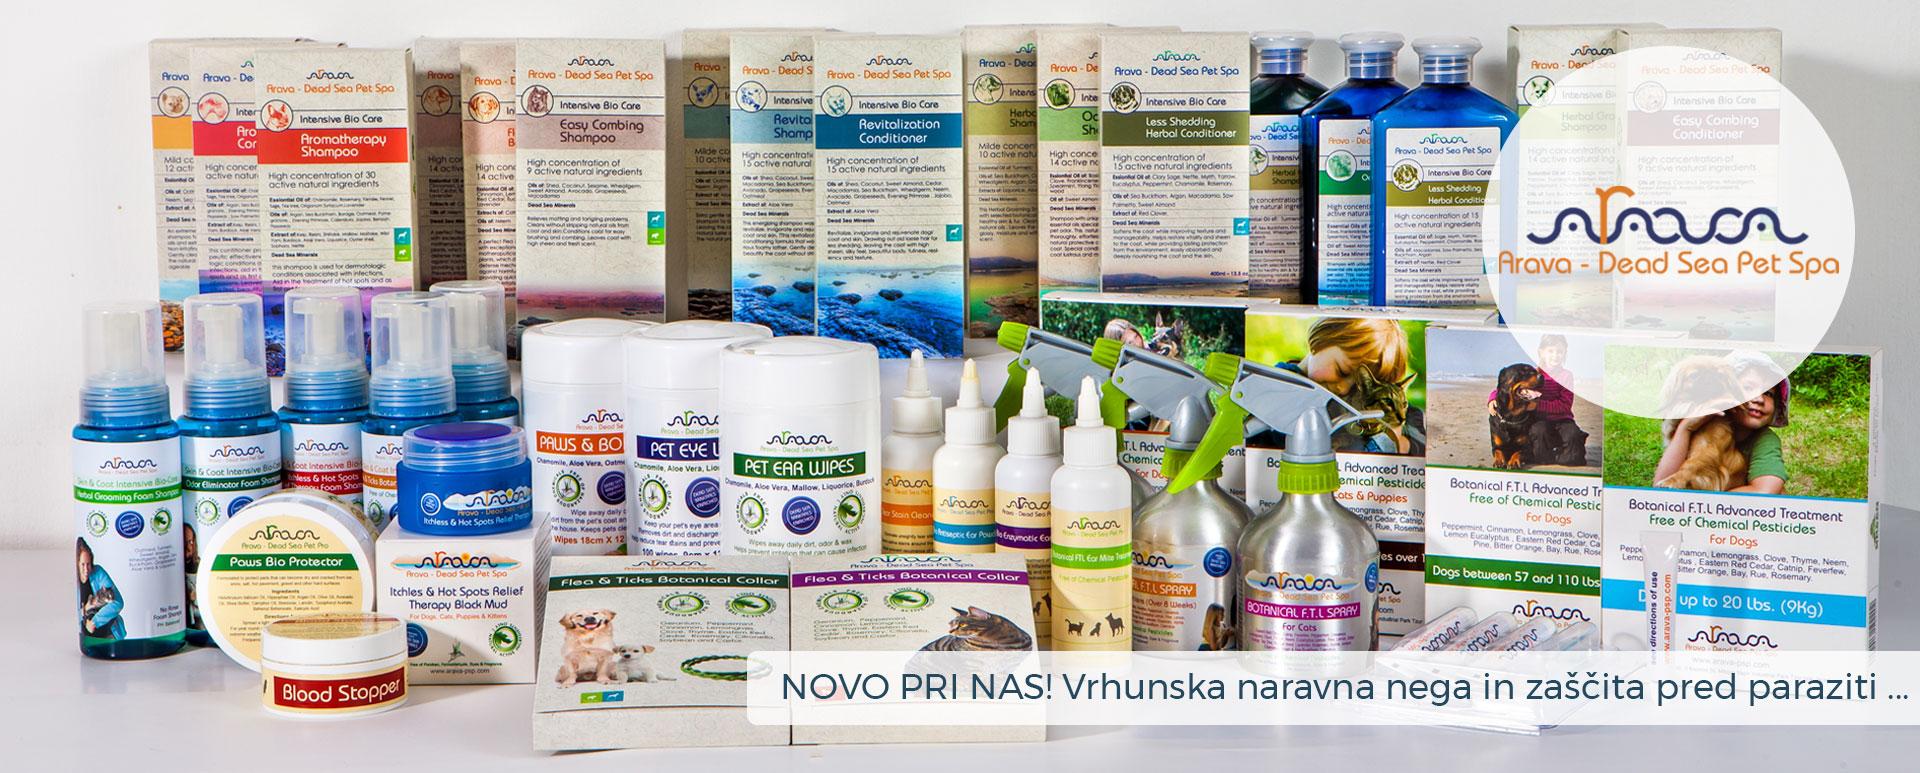 Arava izdelki